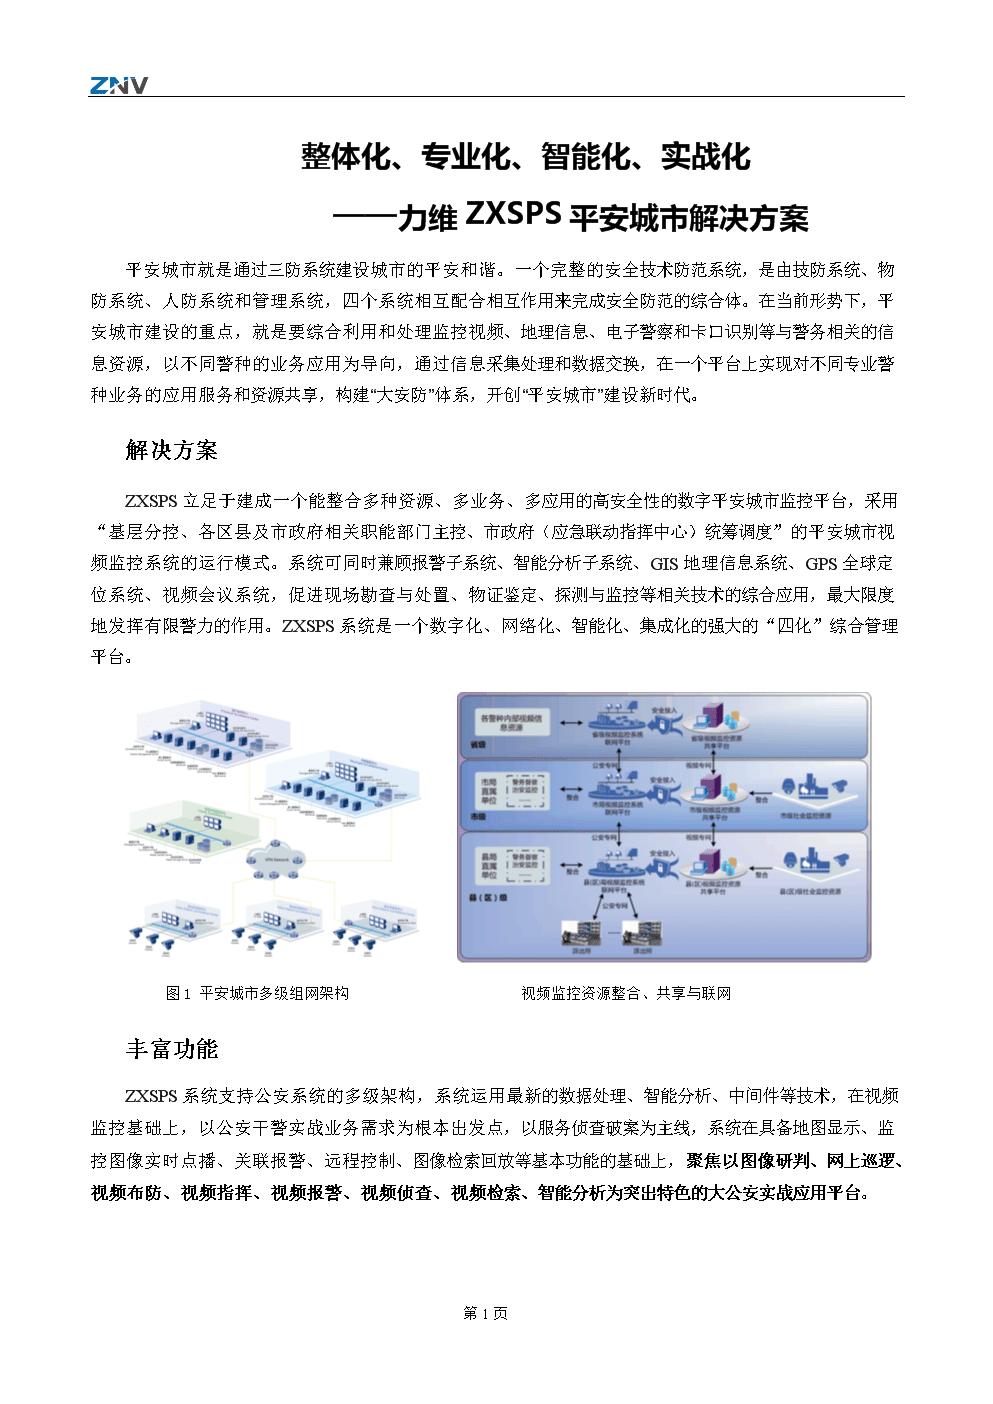 一页纸-力维ZXSPS平安城市解决方案一页纸精华.docx